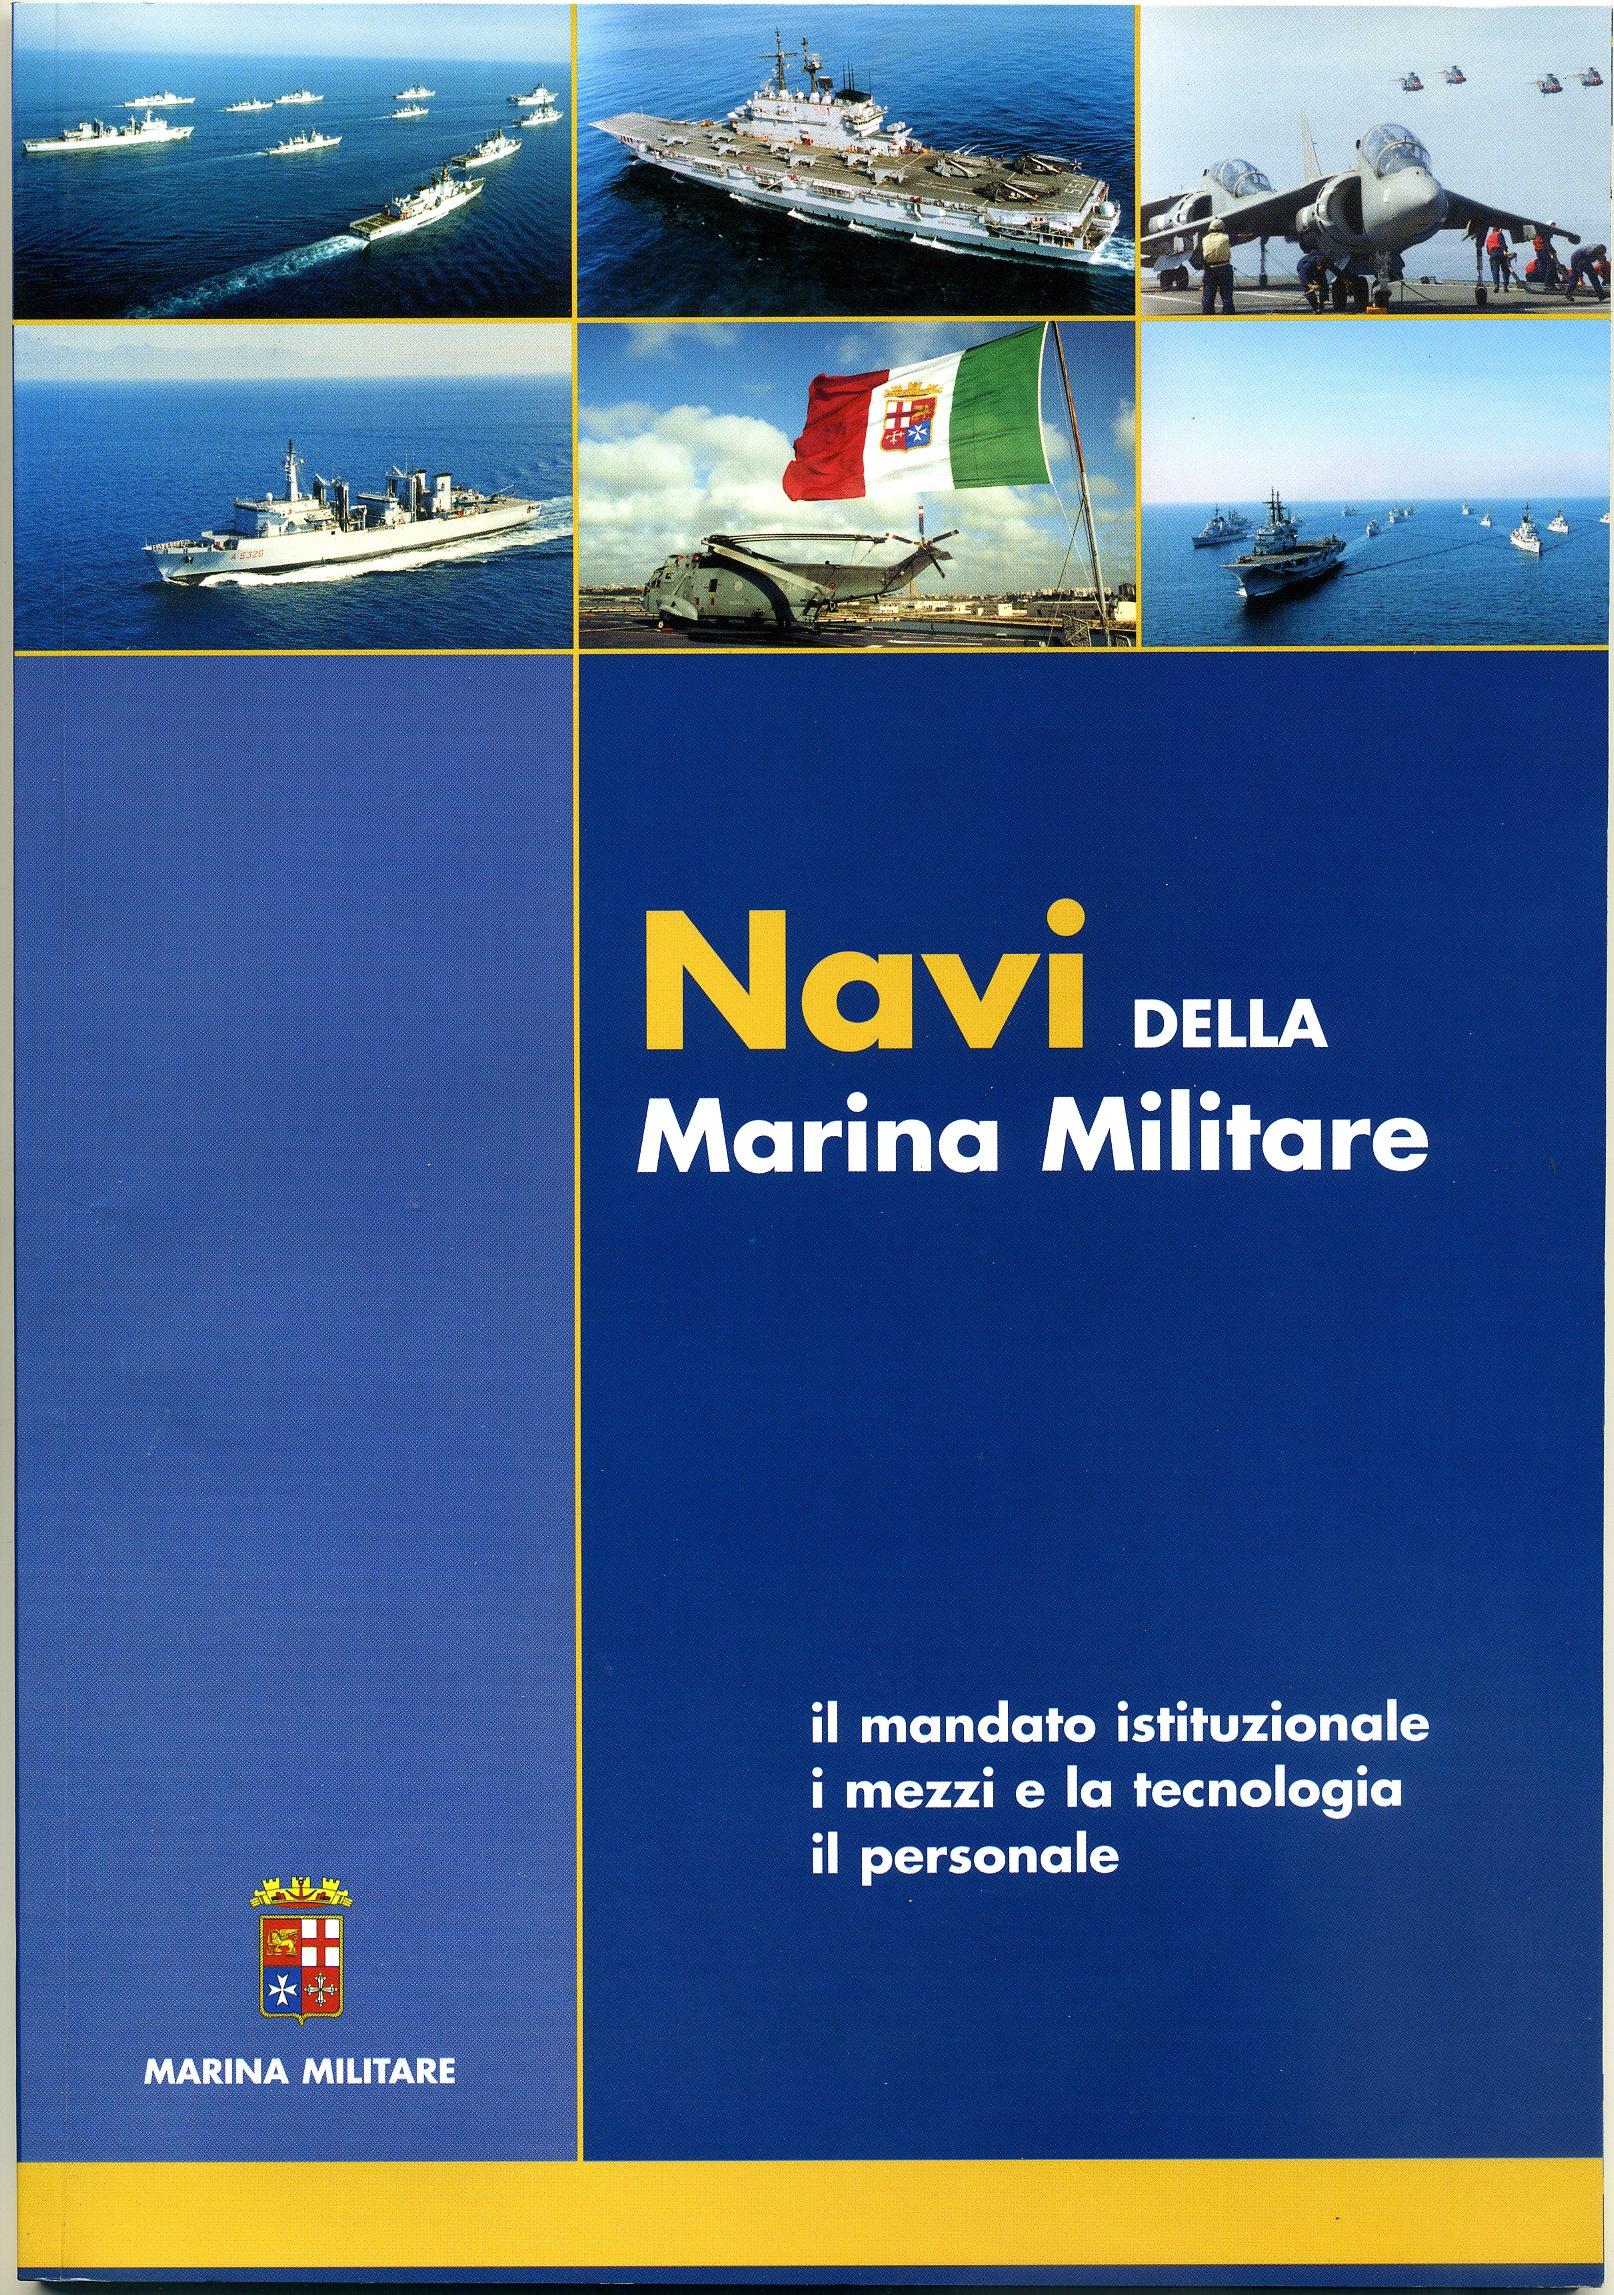 Navi della Marina Militare